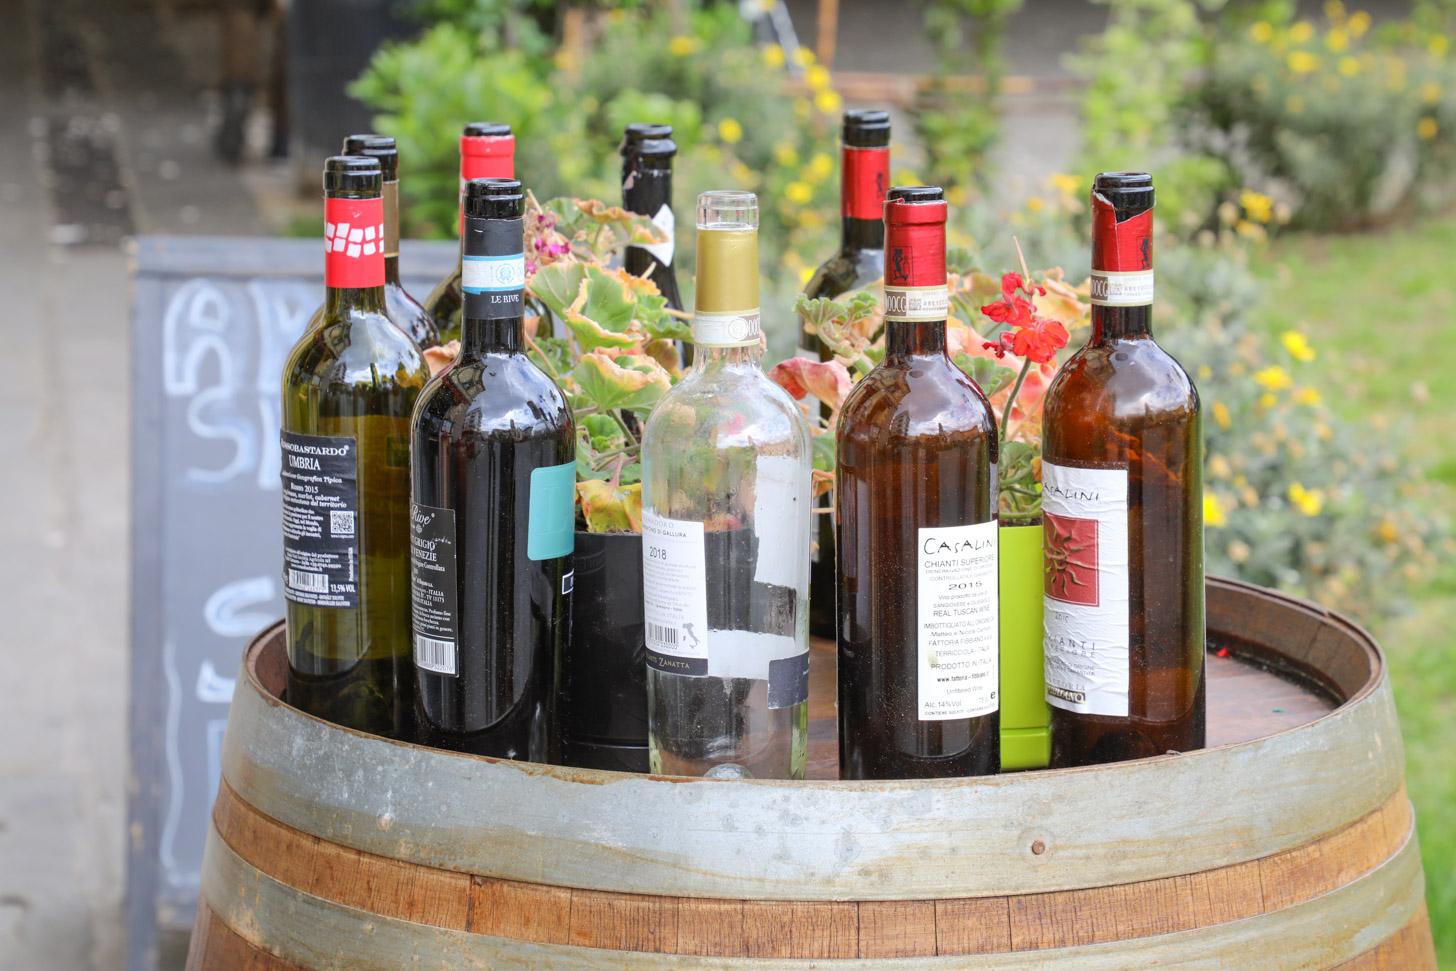 Chianti wijnen uit de buurt